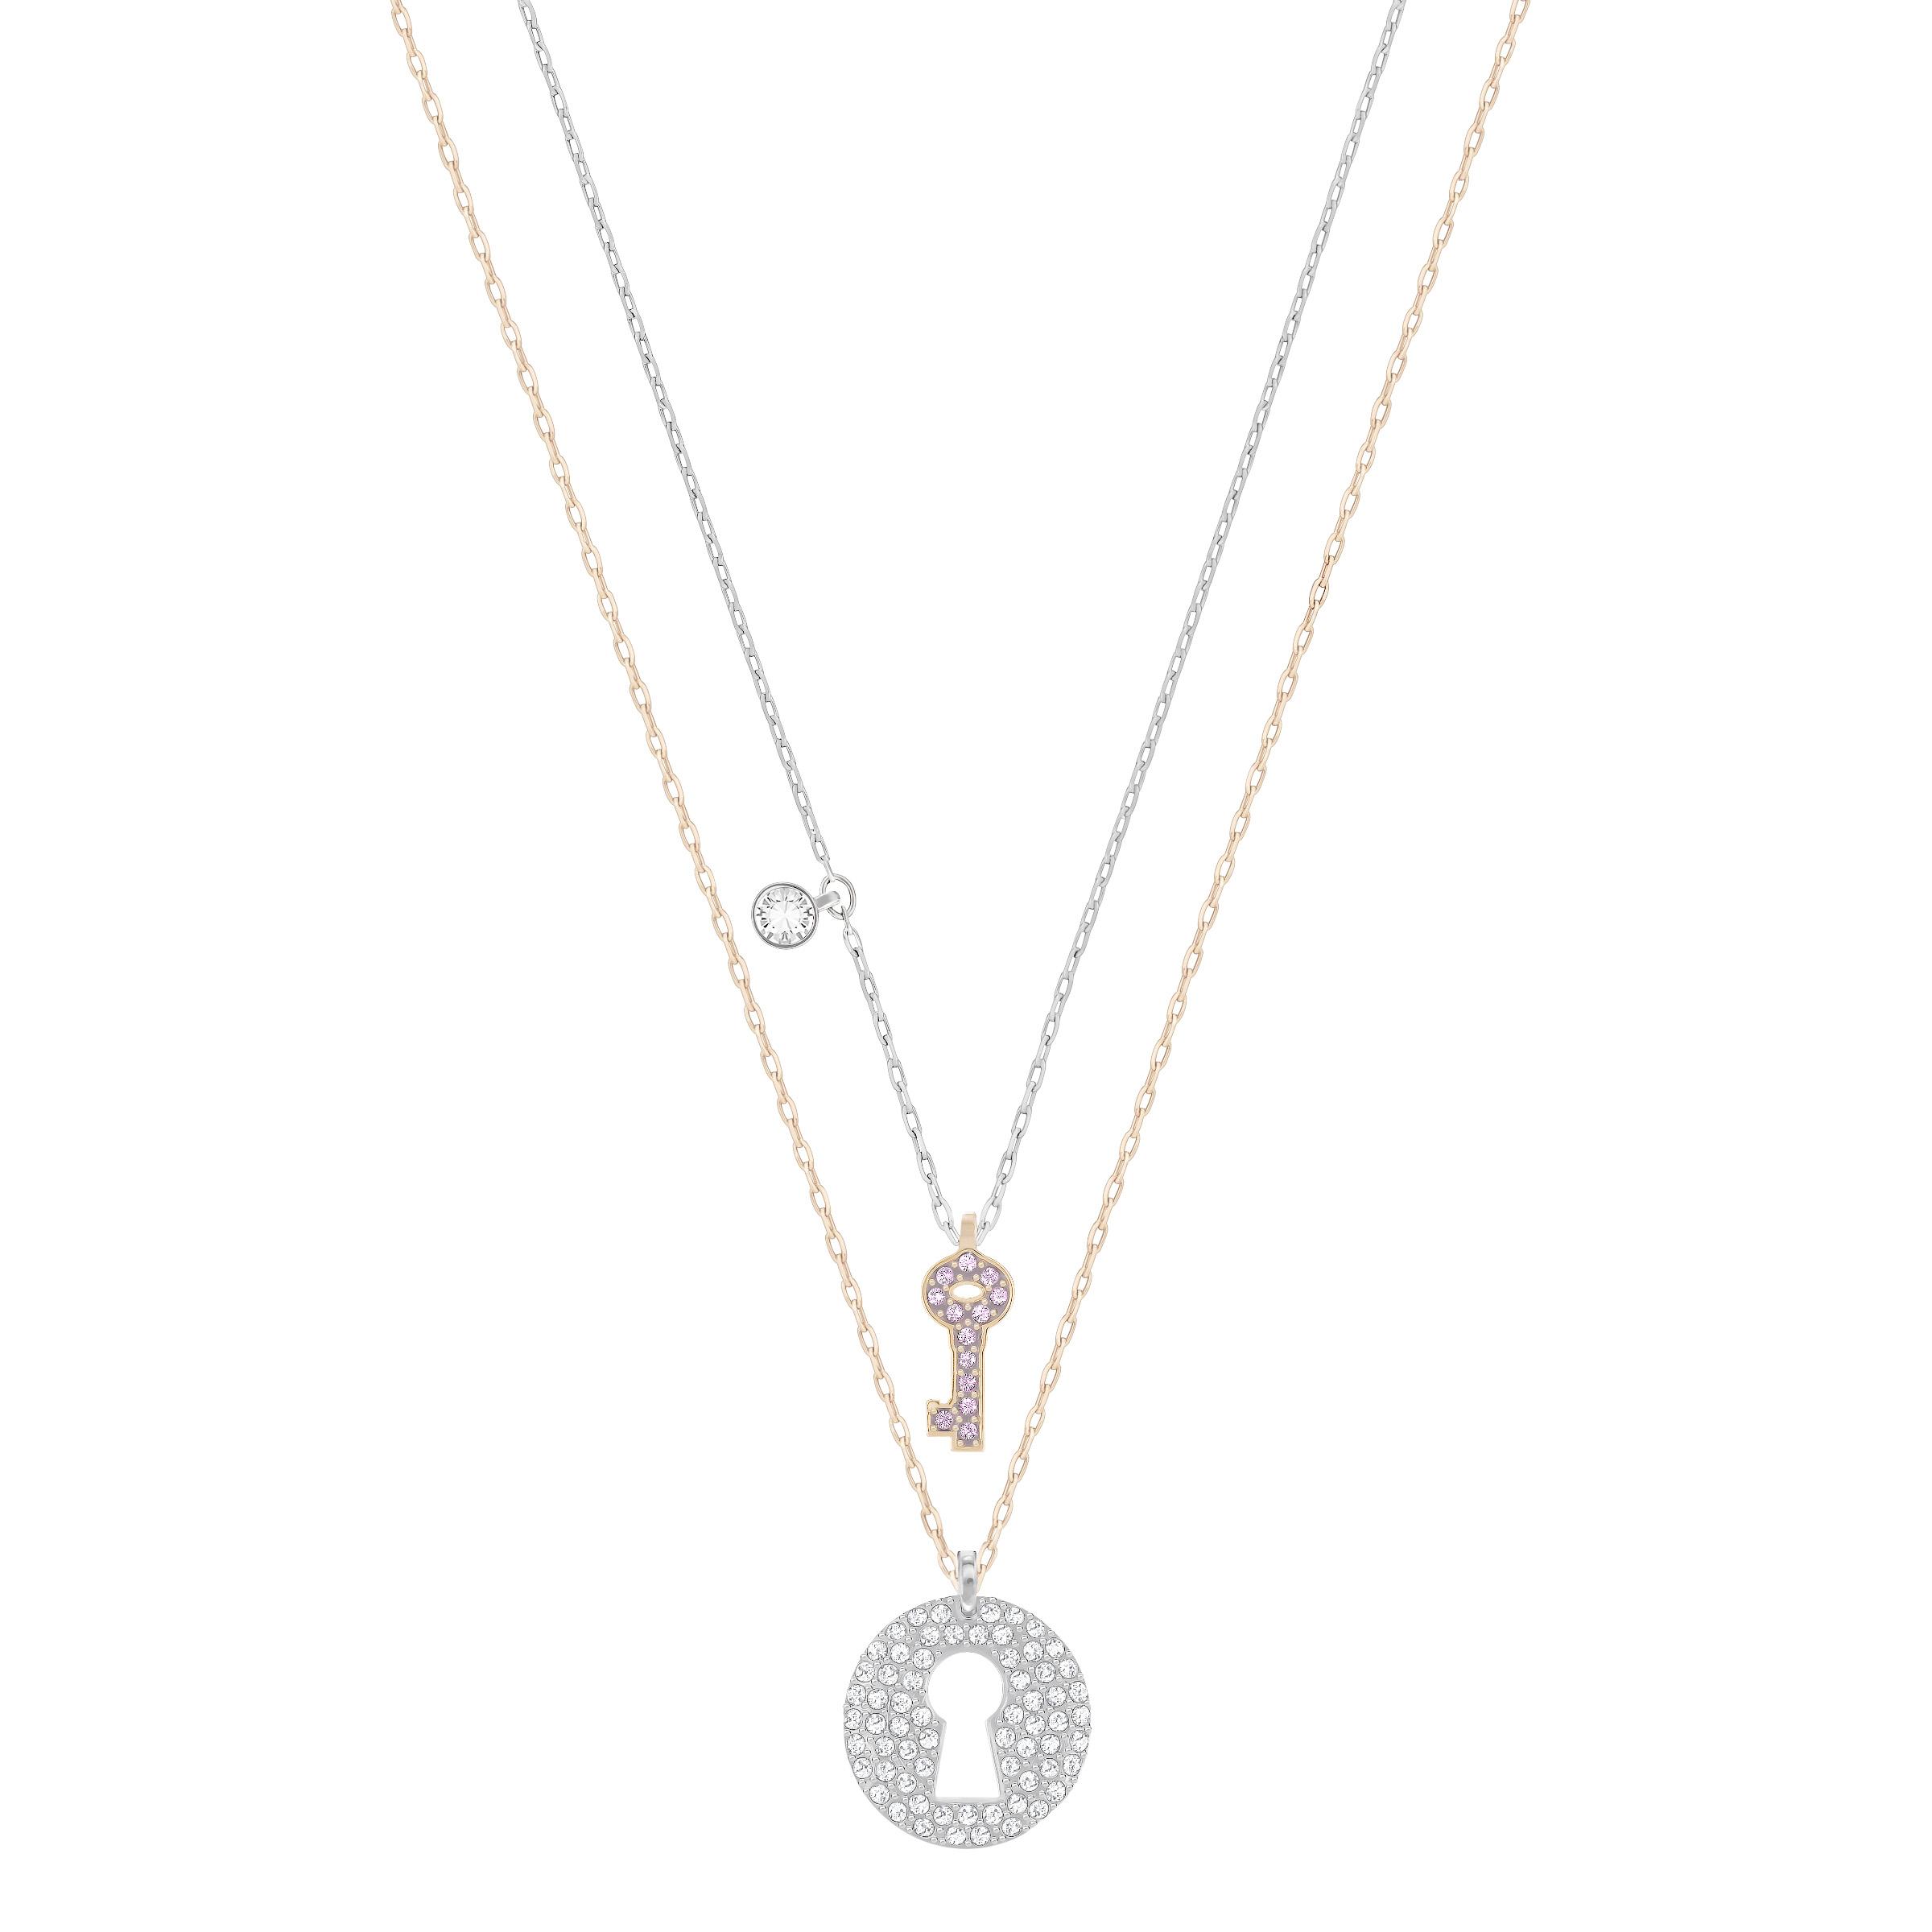 Pendentif Parure Swarovski Crystal Wishes Key, rose, combinaison de métaux plaqués